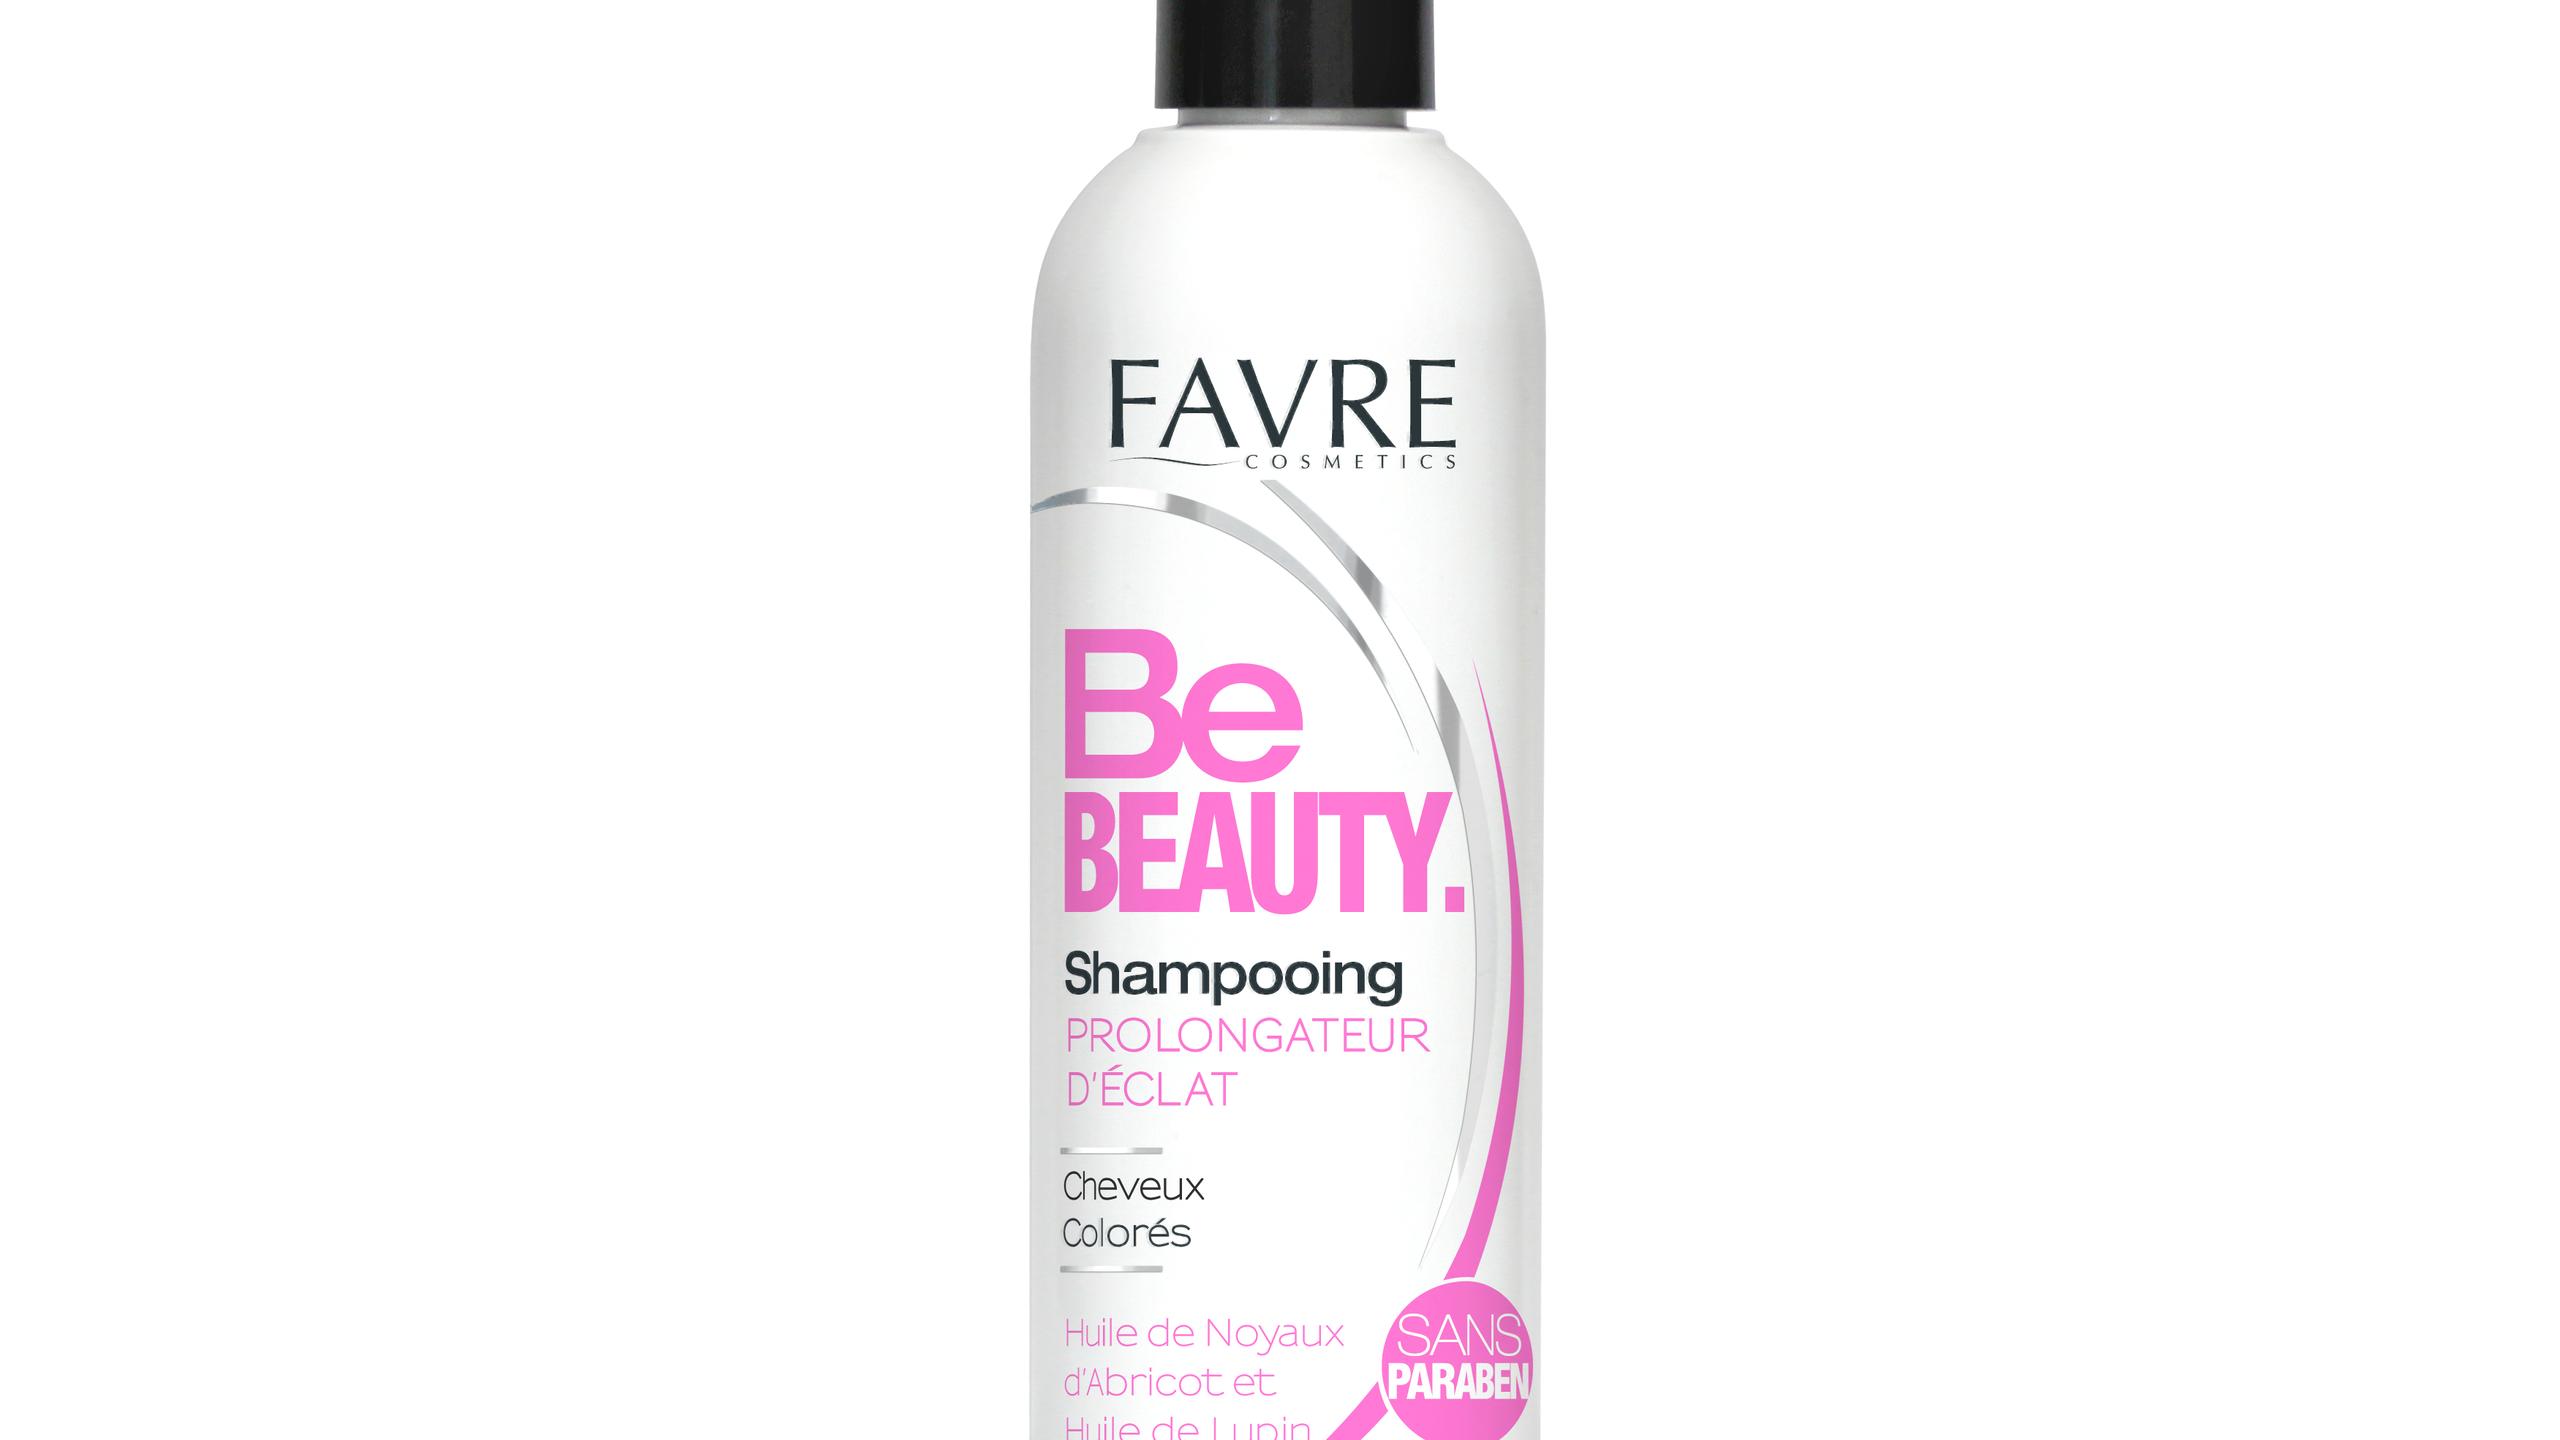 Shampooing prolongateur d'éclat pour les cheveux colorés